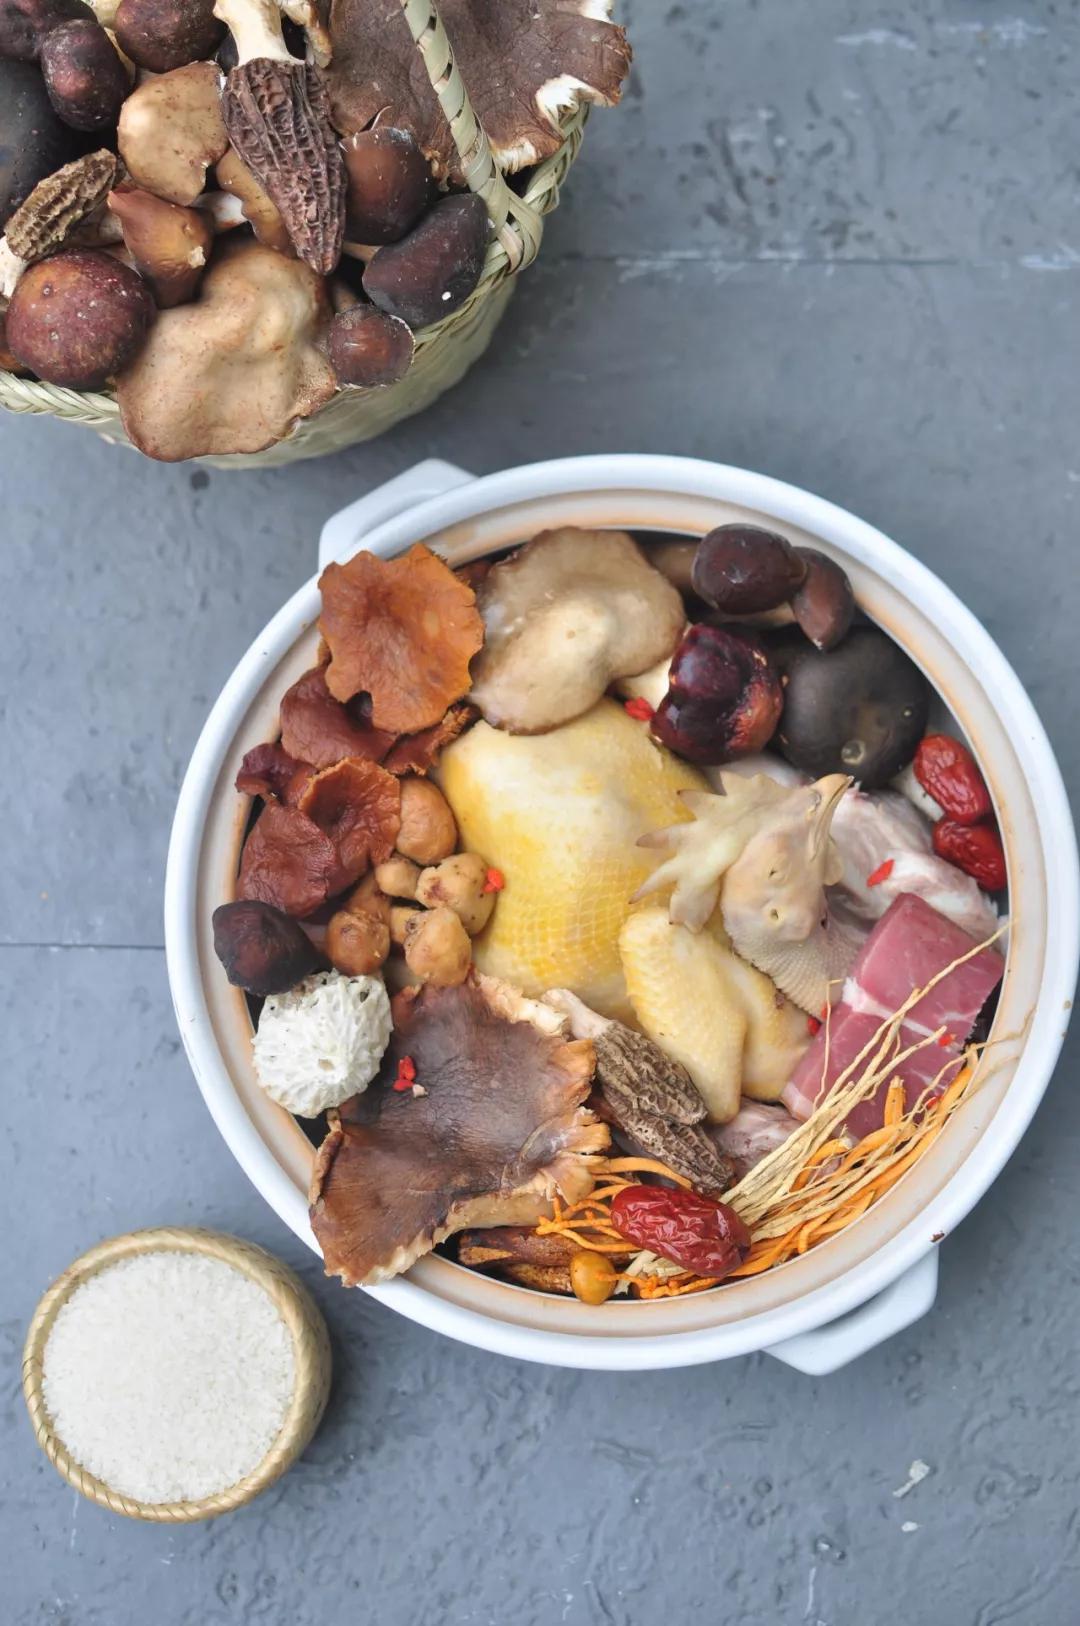 每一碗鲜美的菌汤泡饭,是自然的恩赐,人家烟火